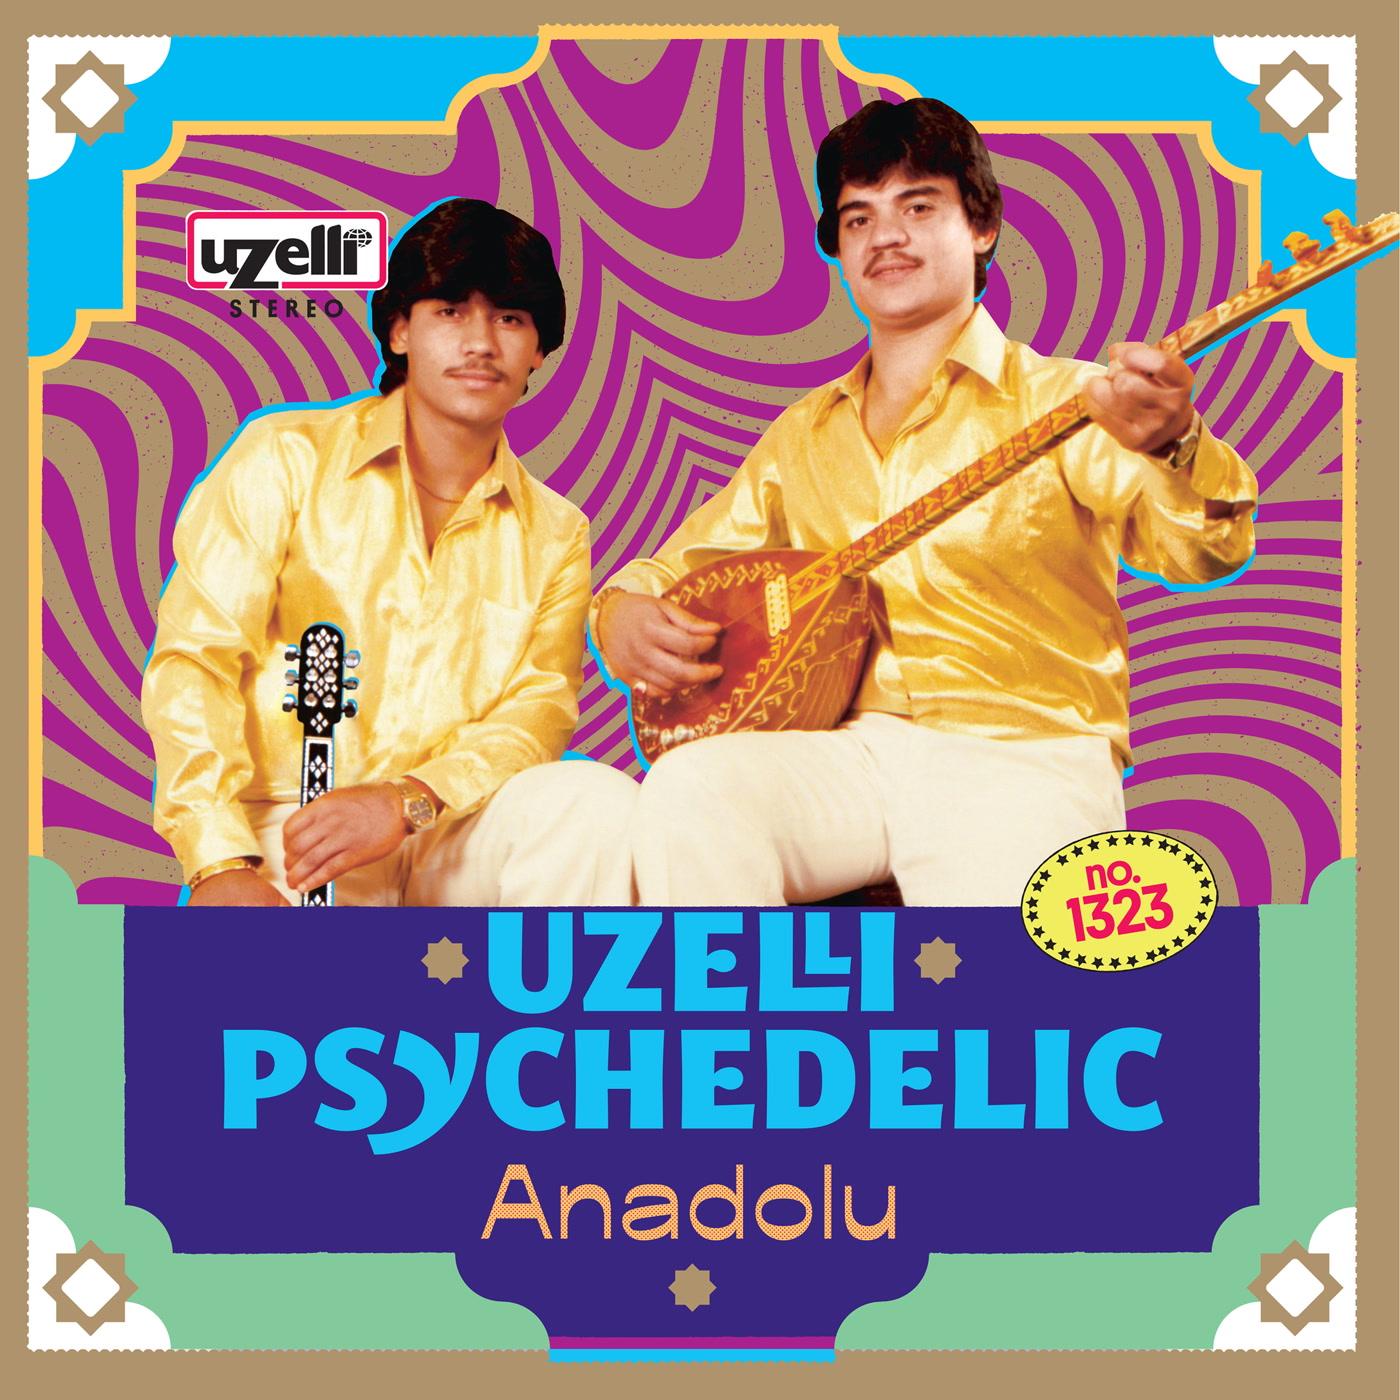 Антология «Uzelli Psychedelic Anadolu» откроет новою страницу в истории анатолийского рока